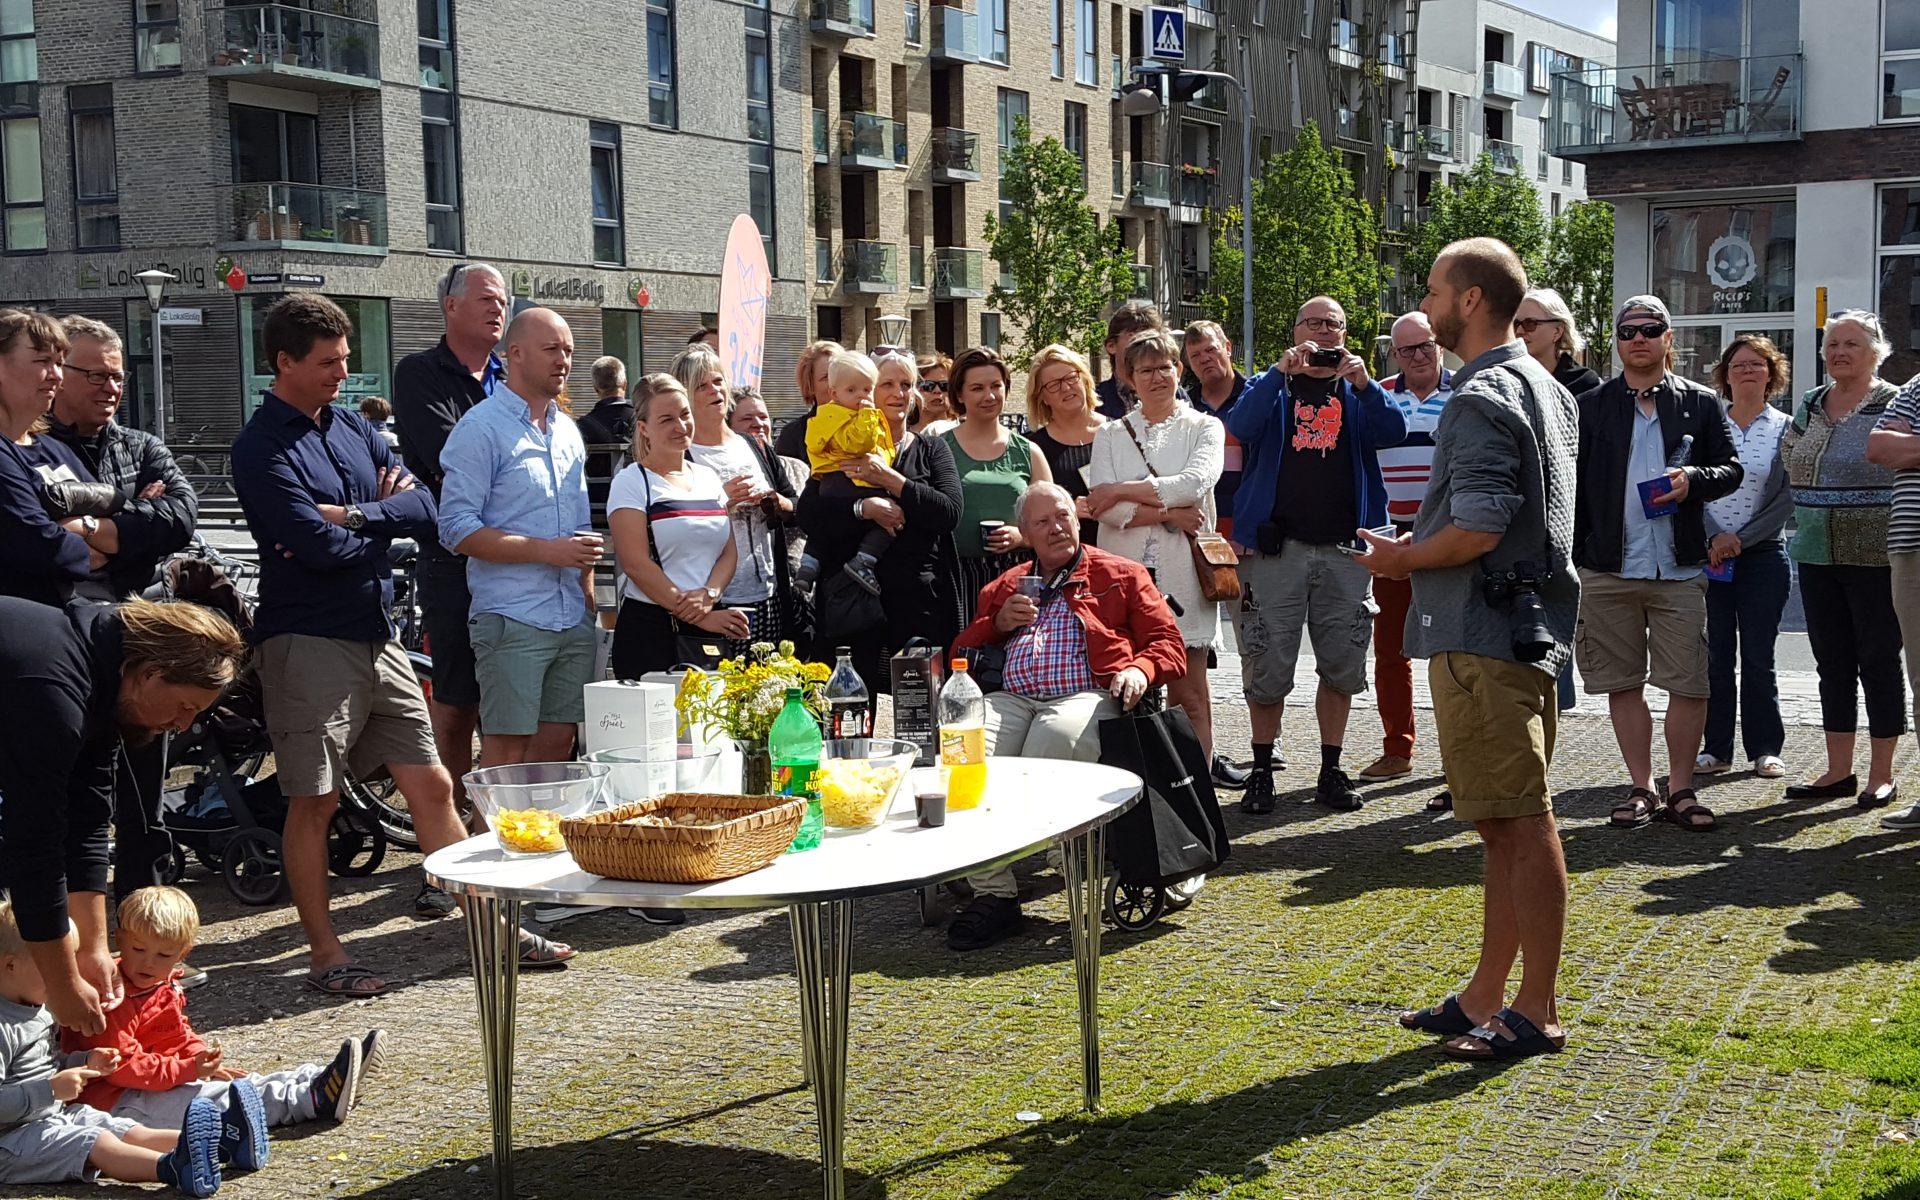 kulturhavn365_sluseholmens-havne-og-kanalfestival03